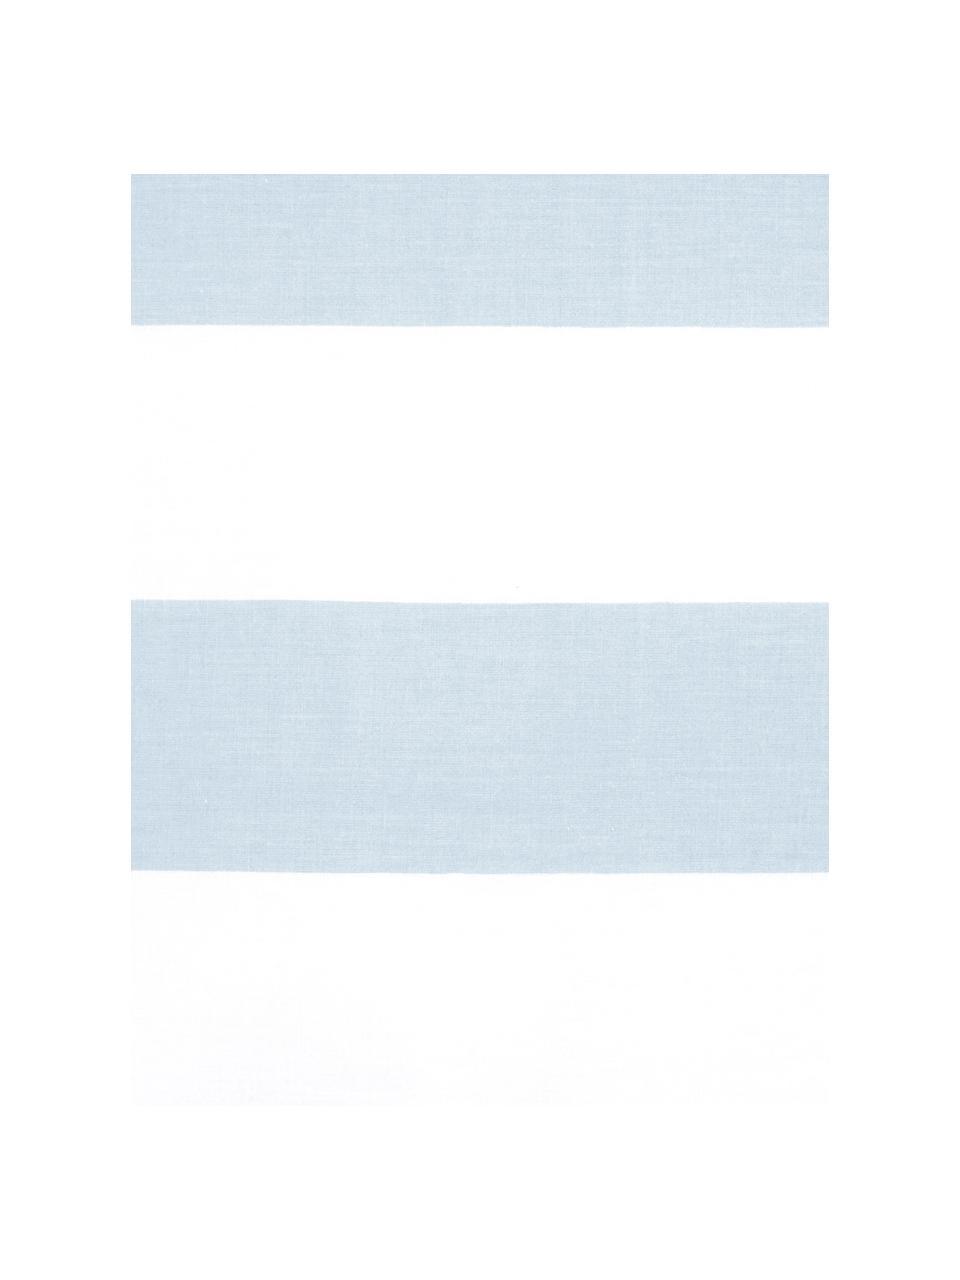 Gestreifte Baumwoll-Wendebettwäsche Lorena, Webart: Renforcé Fadendichte 144 , Hellblau, 135 x 200 cm + 1 Kissen 80 x 80 cm